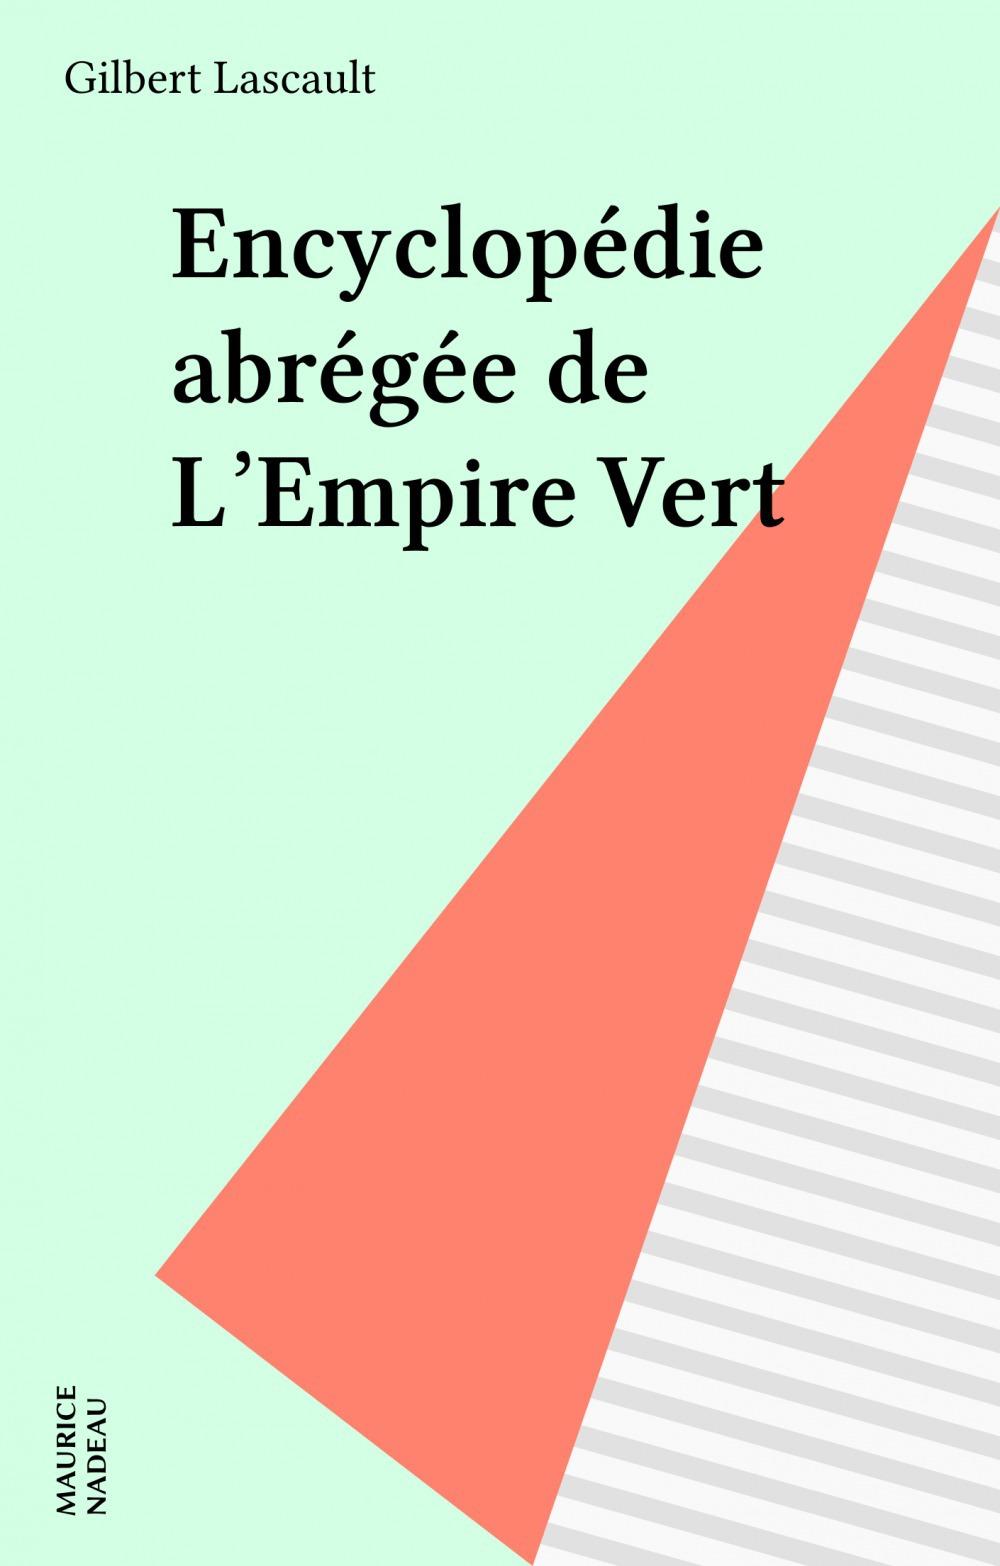 Encyclopédie abrégée de L'Empire Vert  - Gilbert Lascault